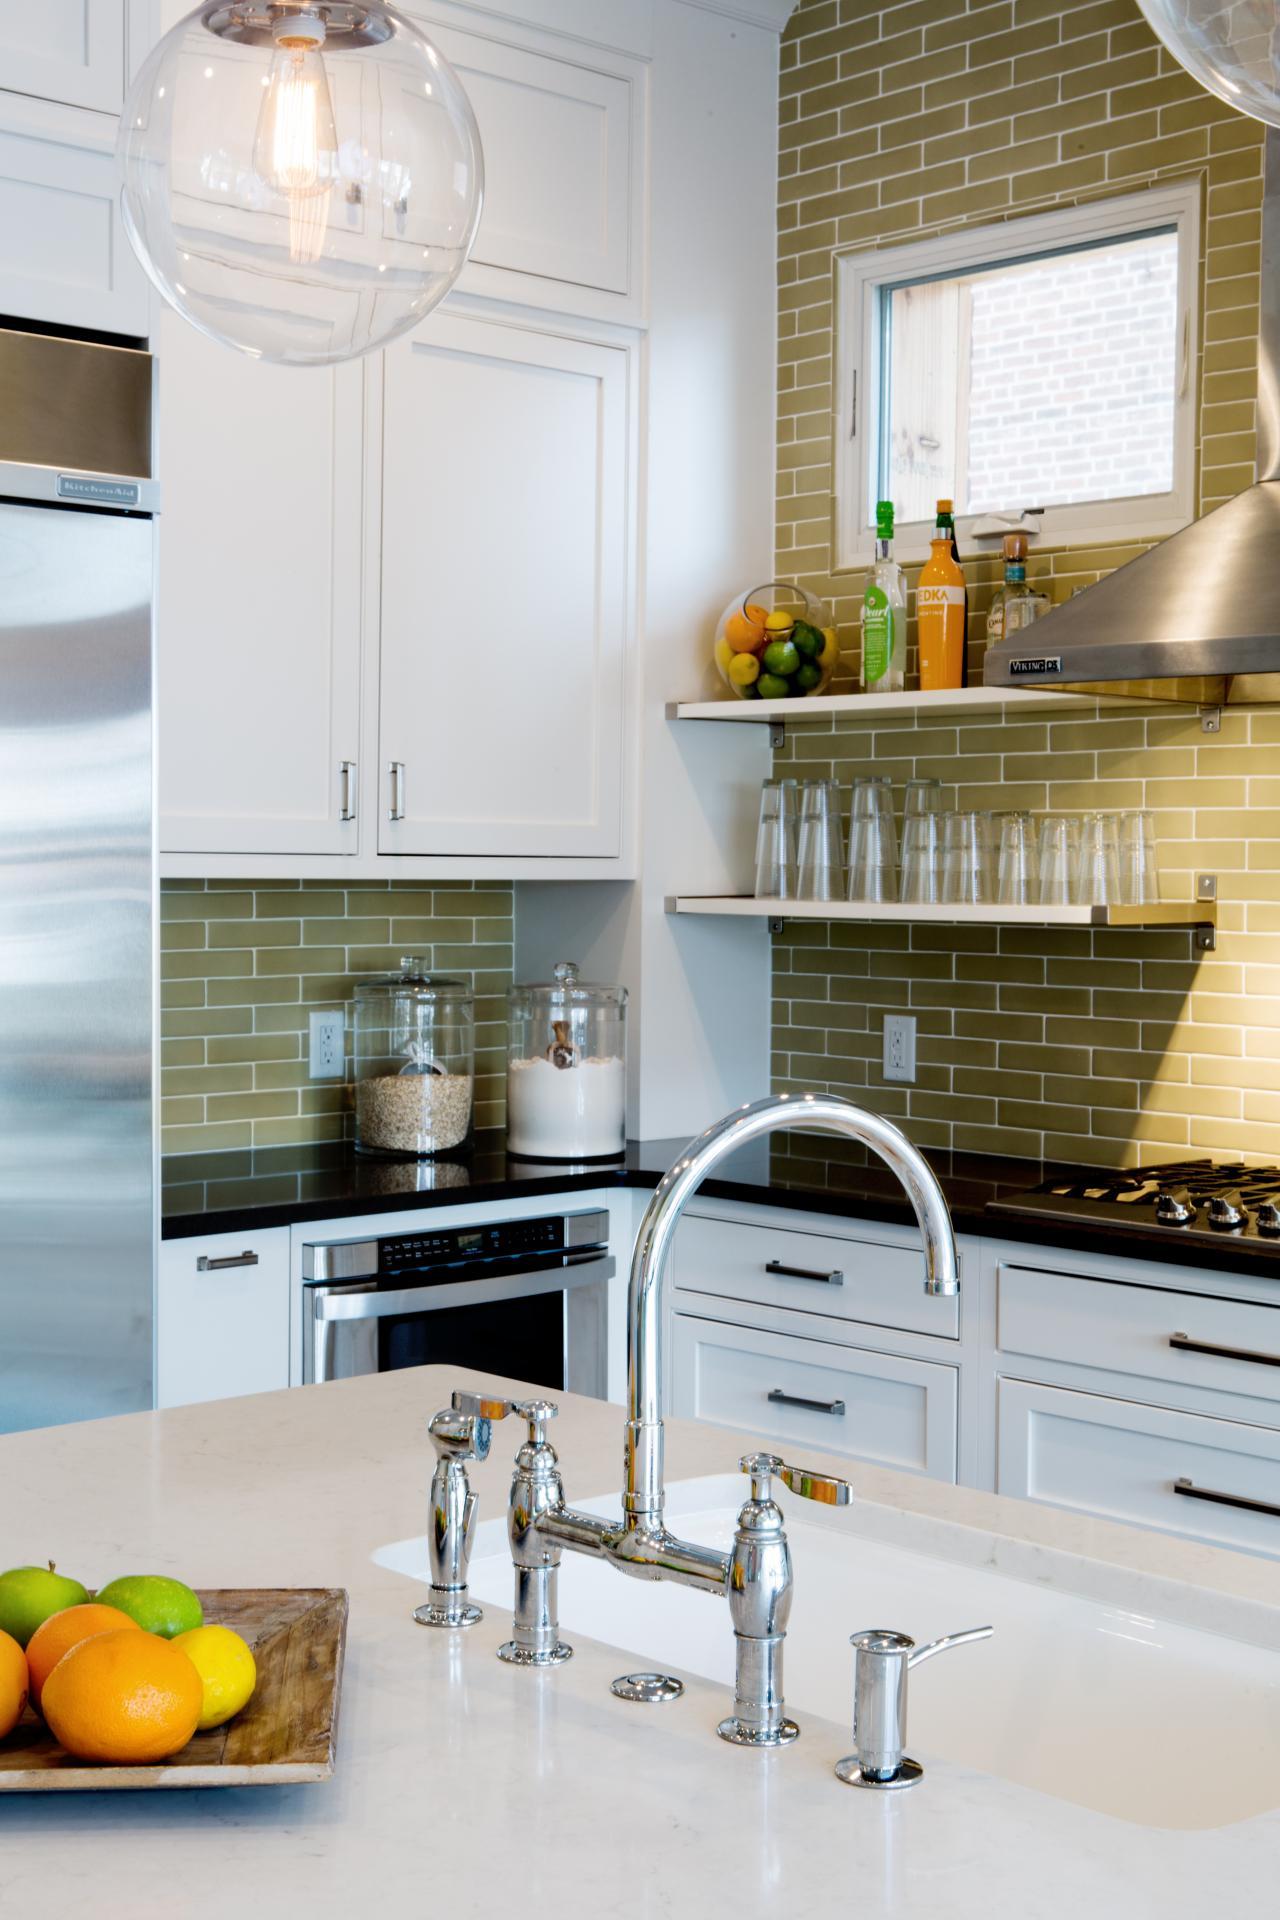 Photos  Karr Bick Kitchen & Bath  HGTV